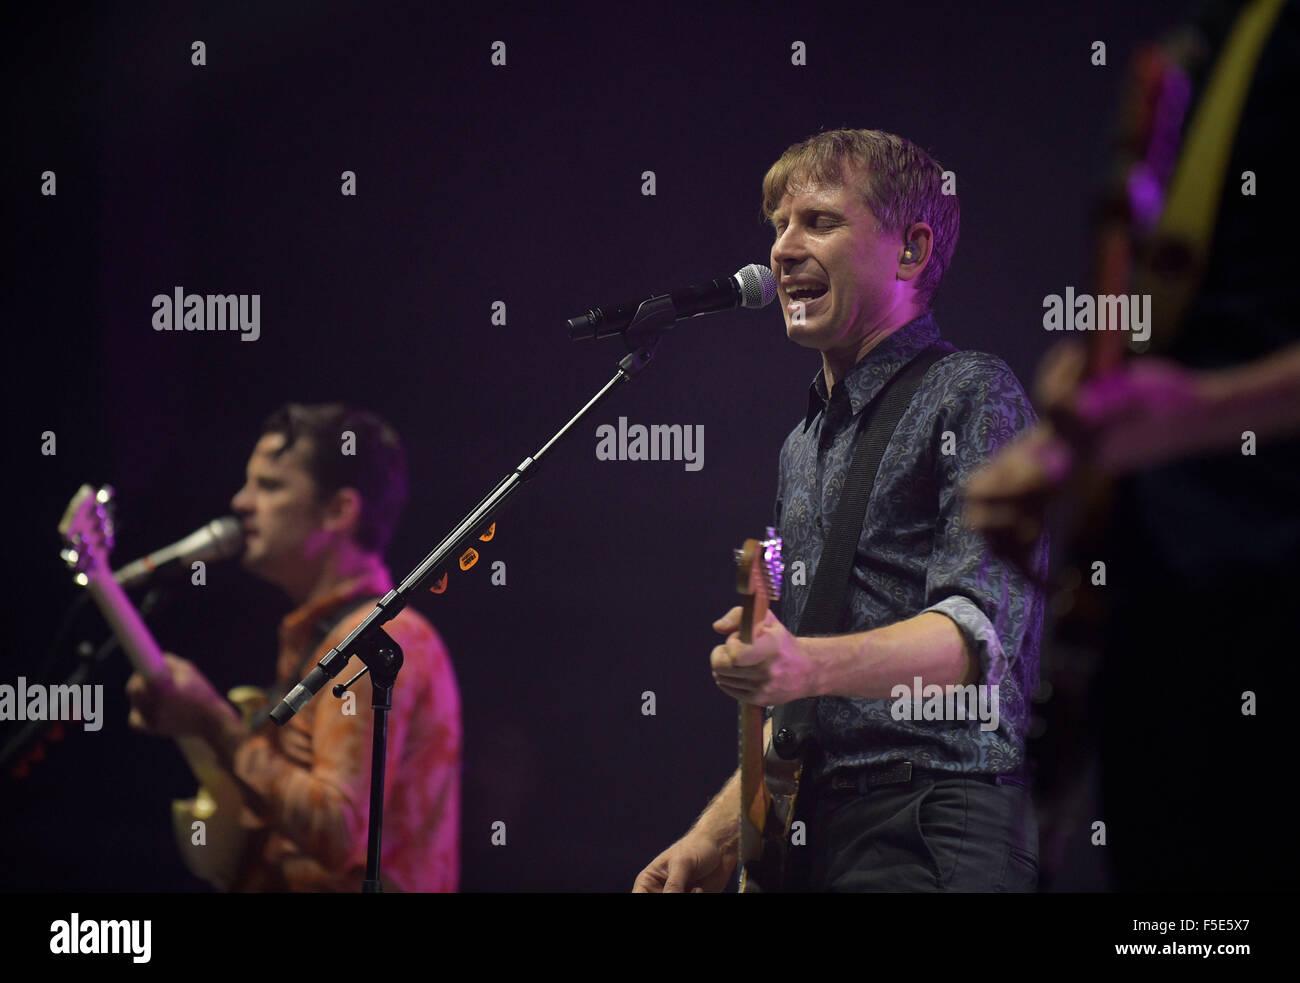 Bild auf der Bühne Alex Kapranos von Franz Ferdinand Save Kinder (Schottland)-Flüchtling-Benefiz-Konzert in den Stockfoto